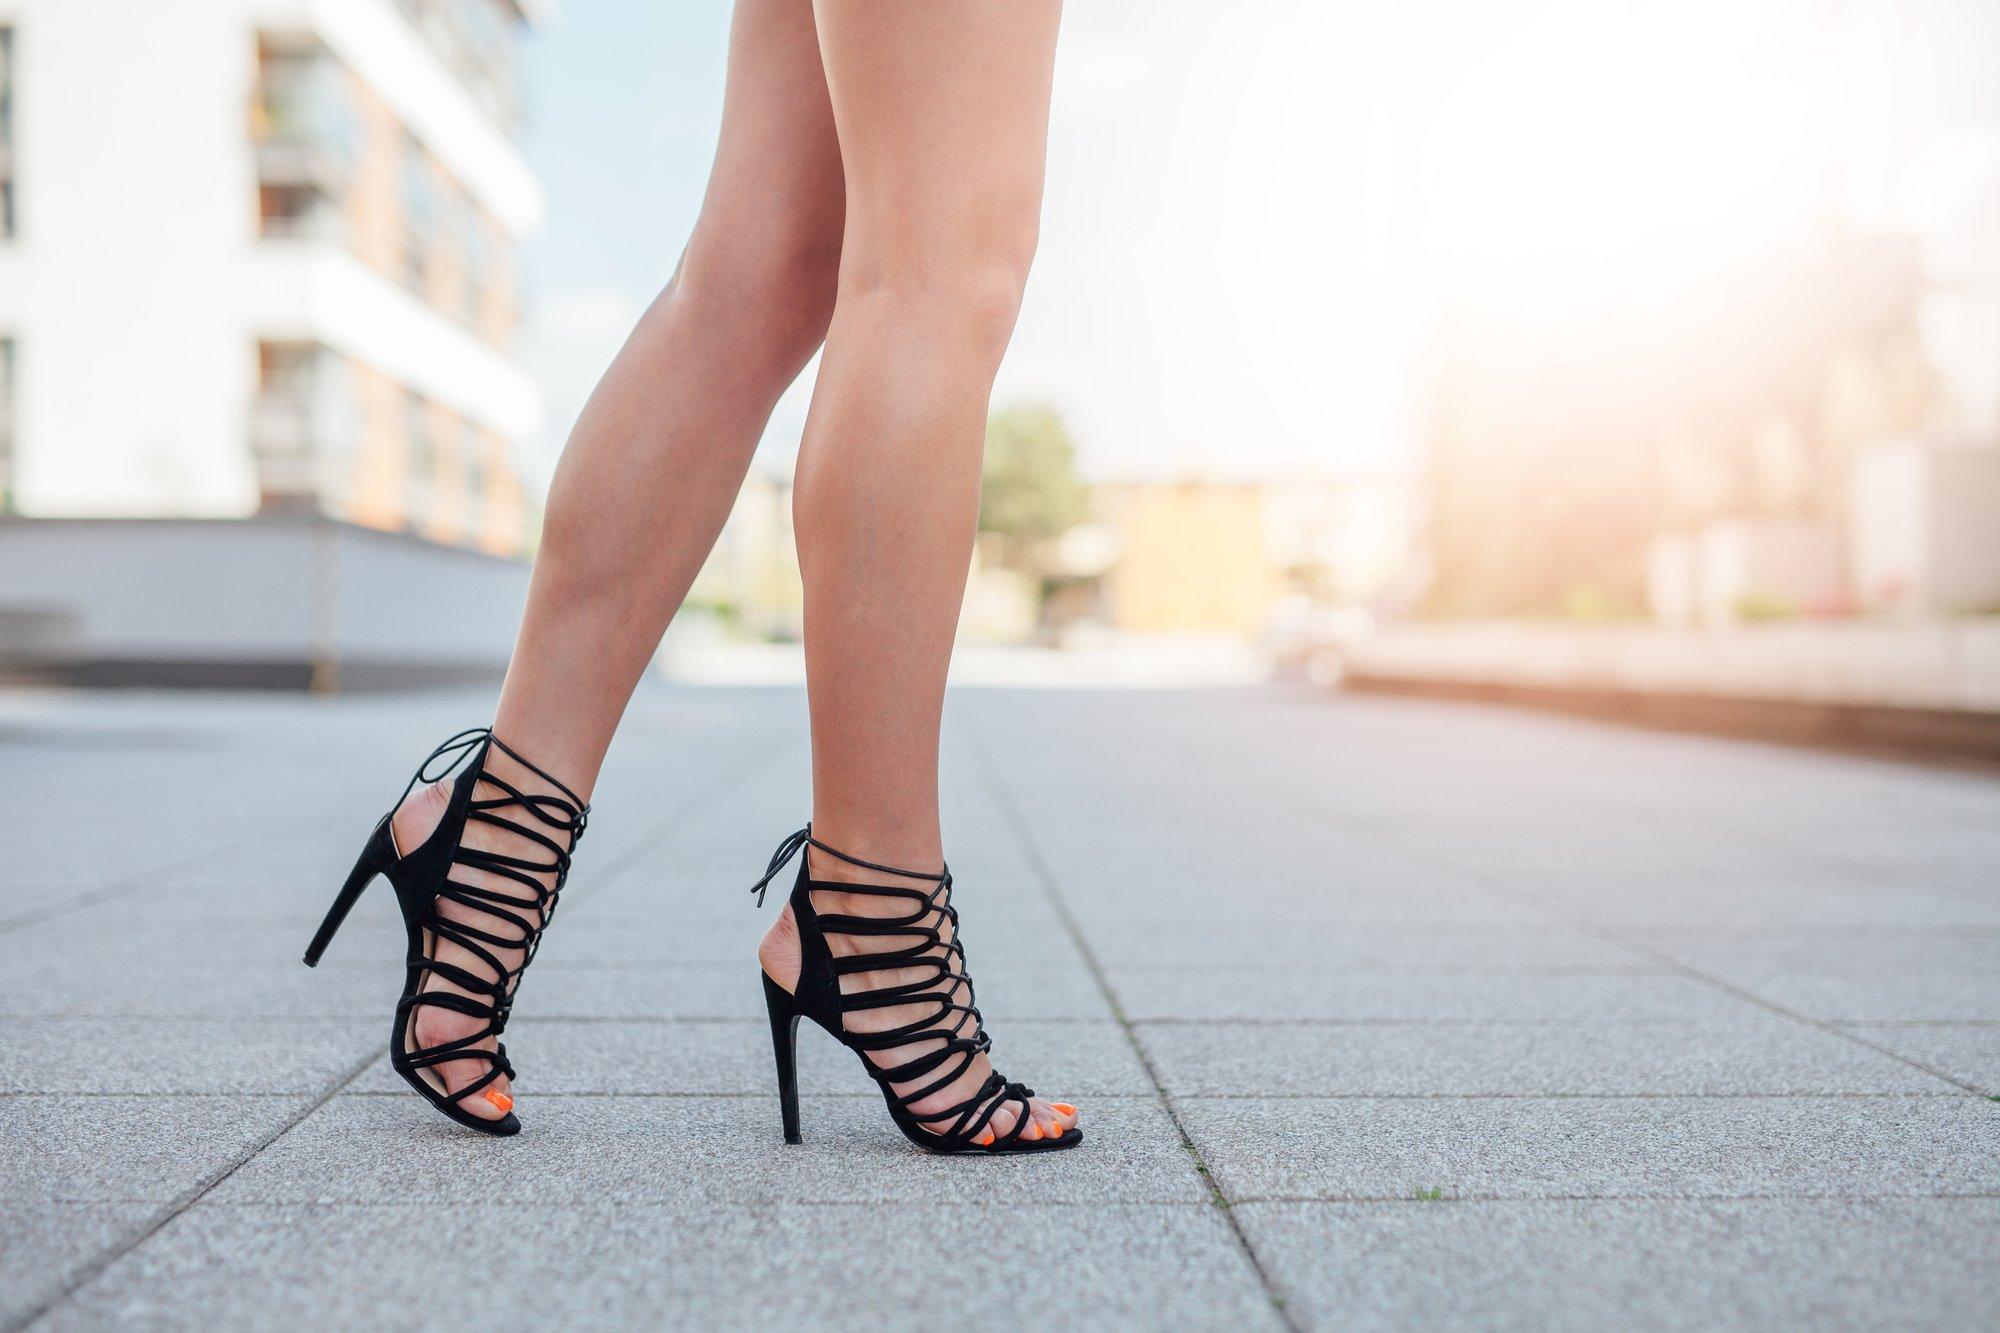 Высокие каблуки и их пагубные последствия для организма